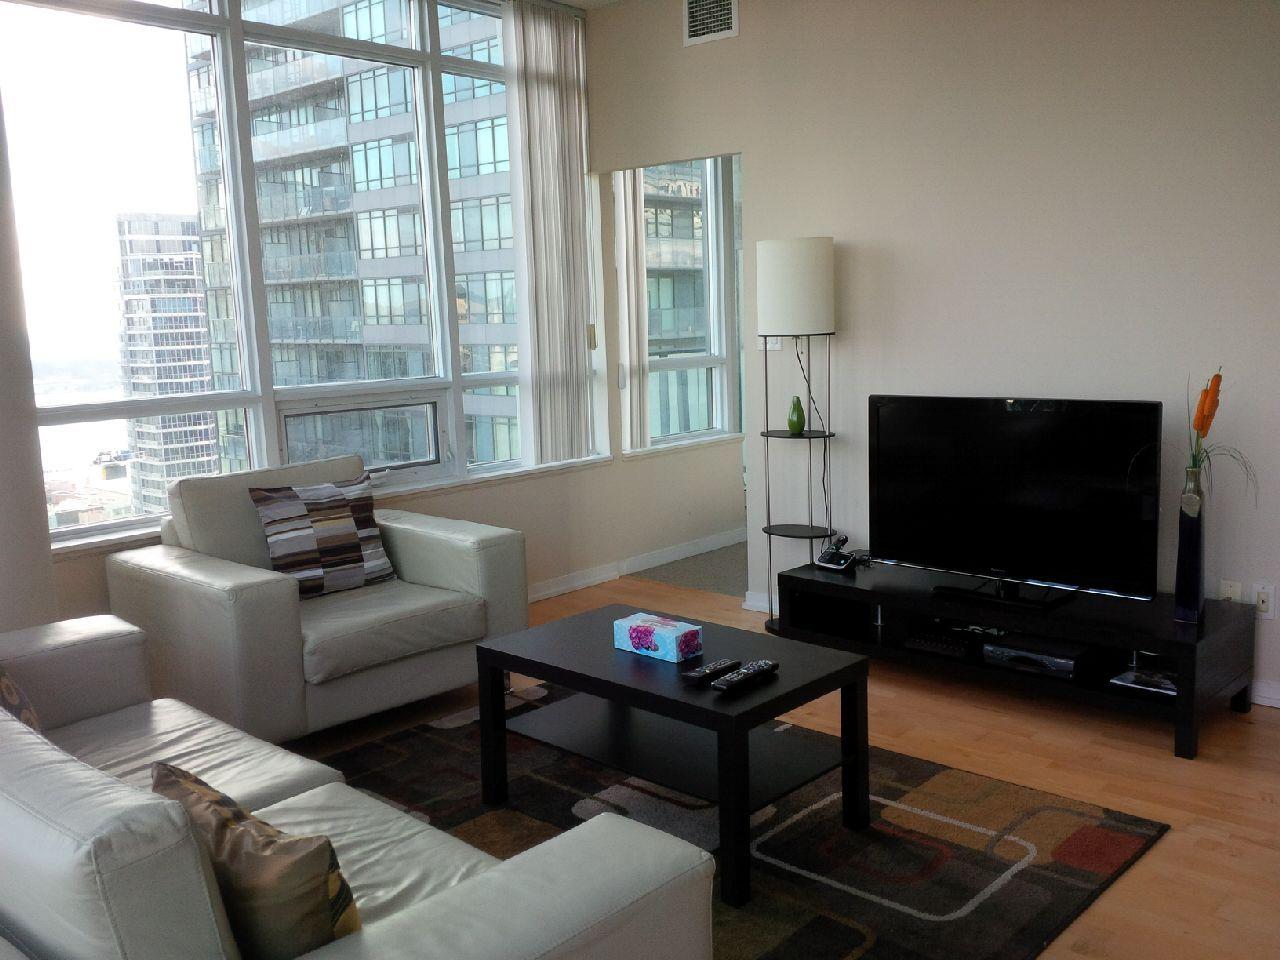 Toronto Downtown Spacious 2 Bedroom 2 Bathroom Condo Maple Leaf Square Medshousing Spacious Condo Home